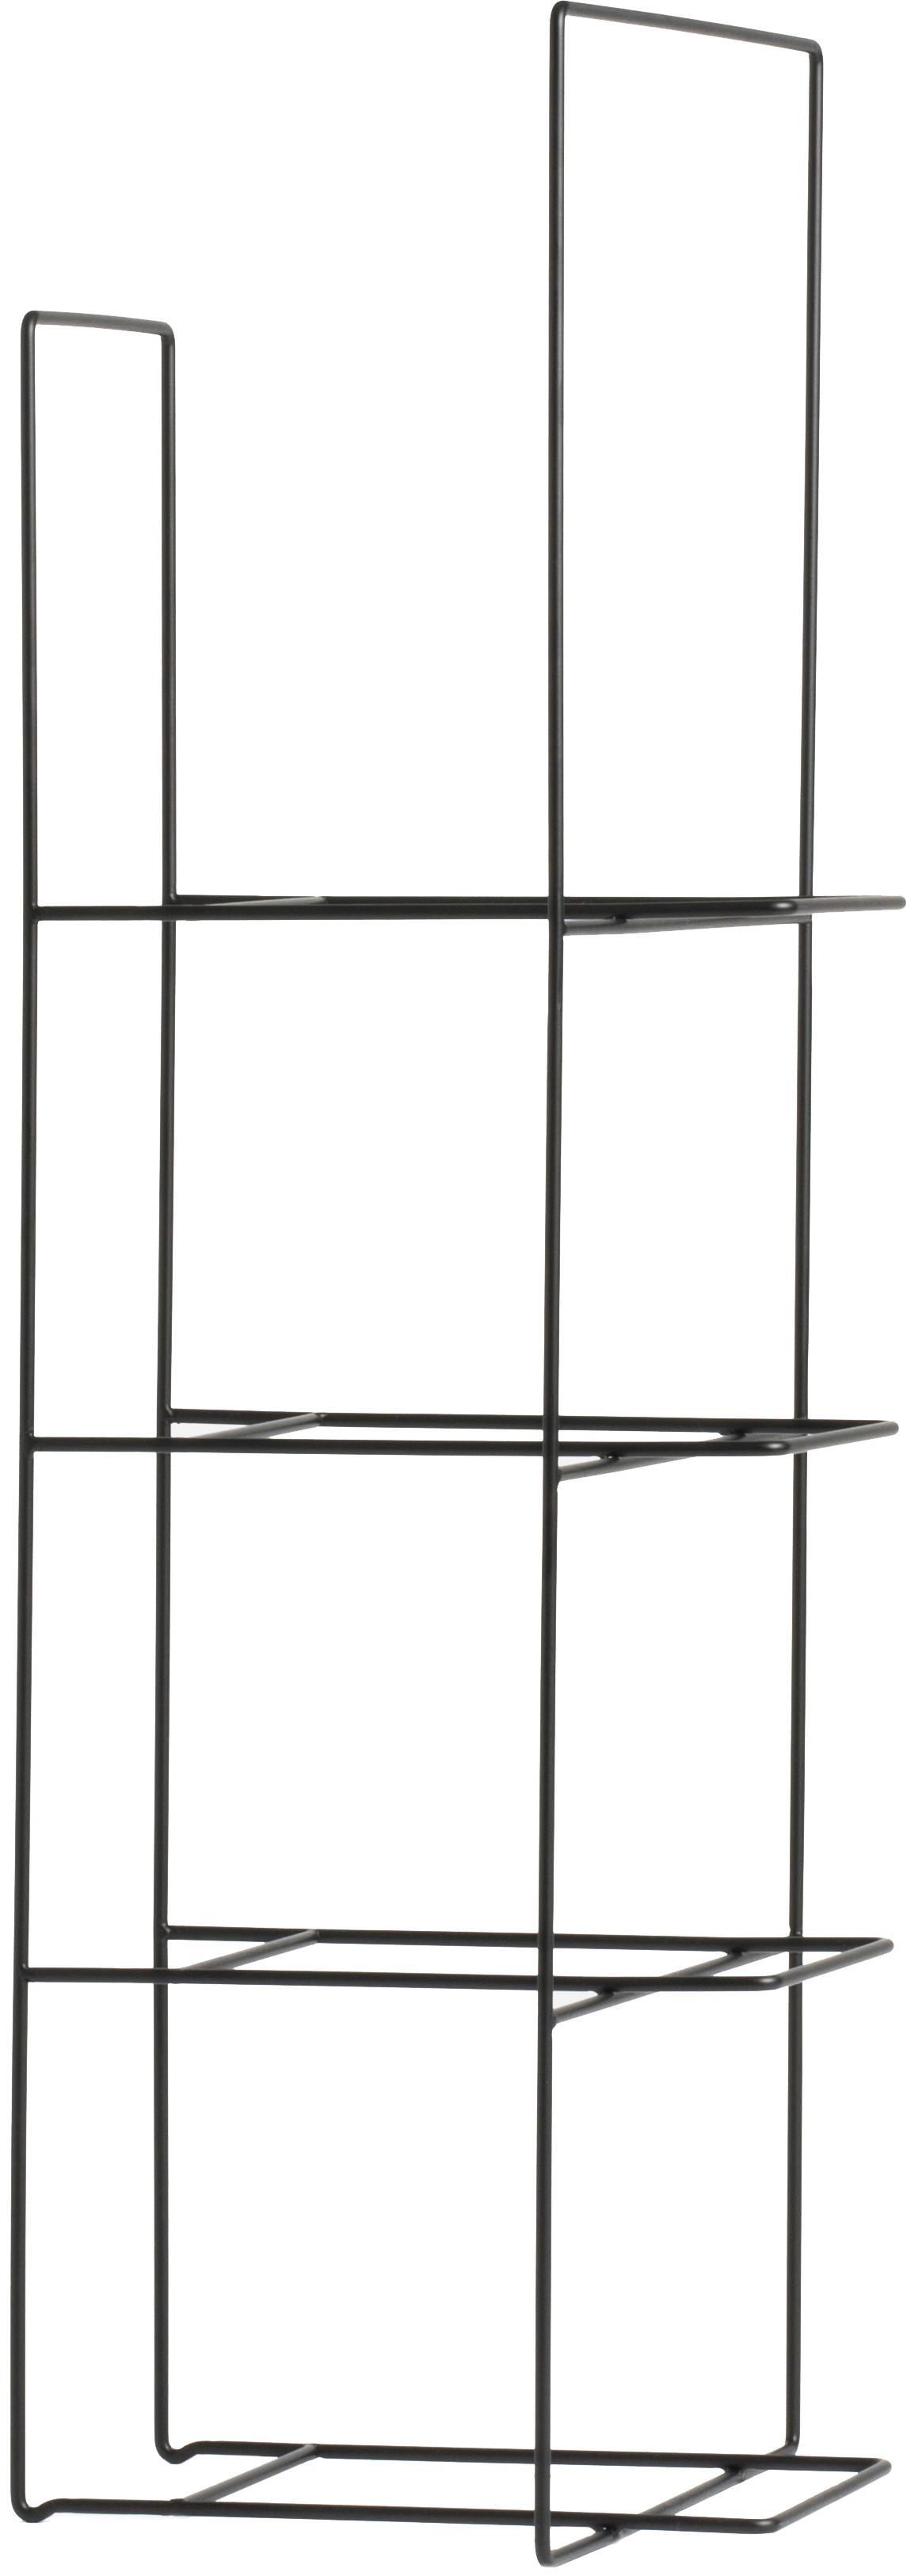 Libreria in metallo Rewire, Metallo verniciato a polvere, Nero, Larg. 29 x Alt. 80 cm